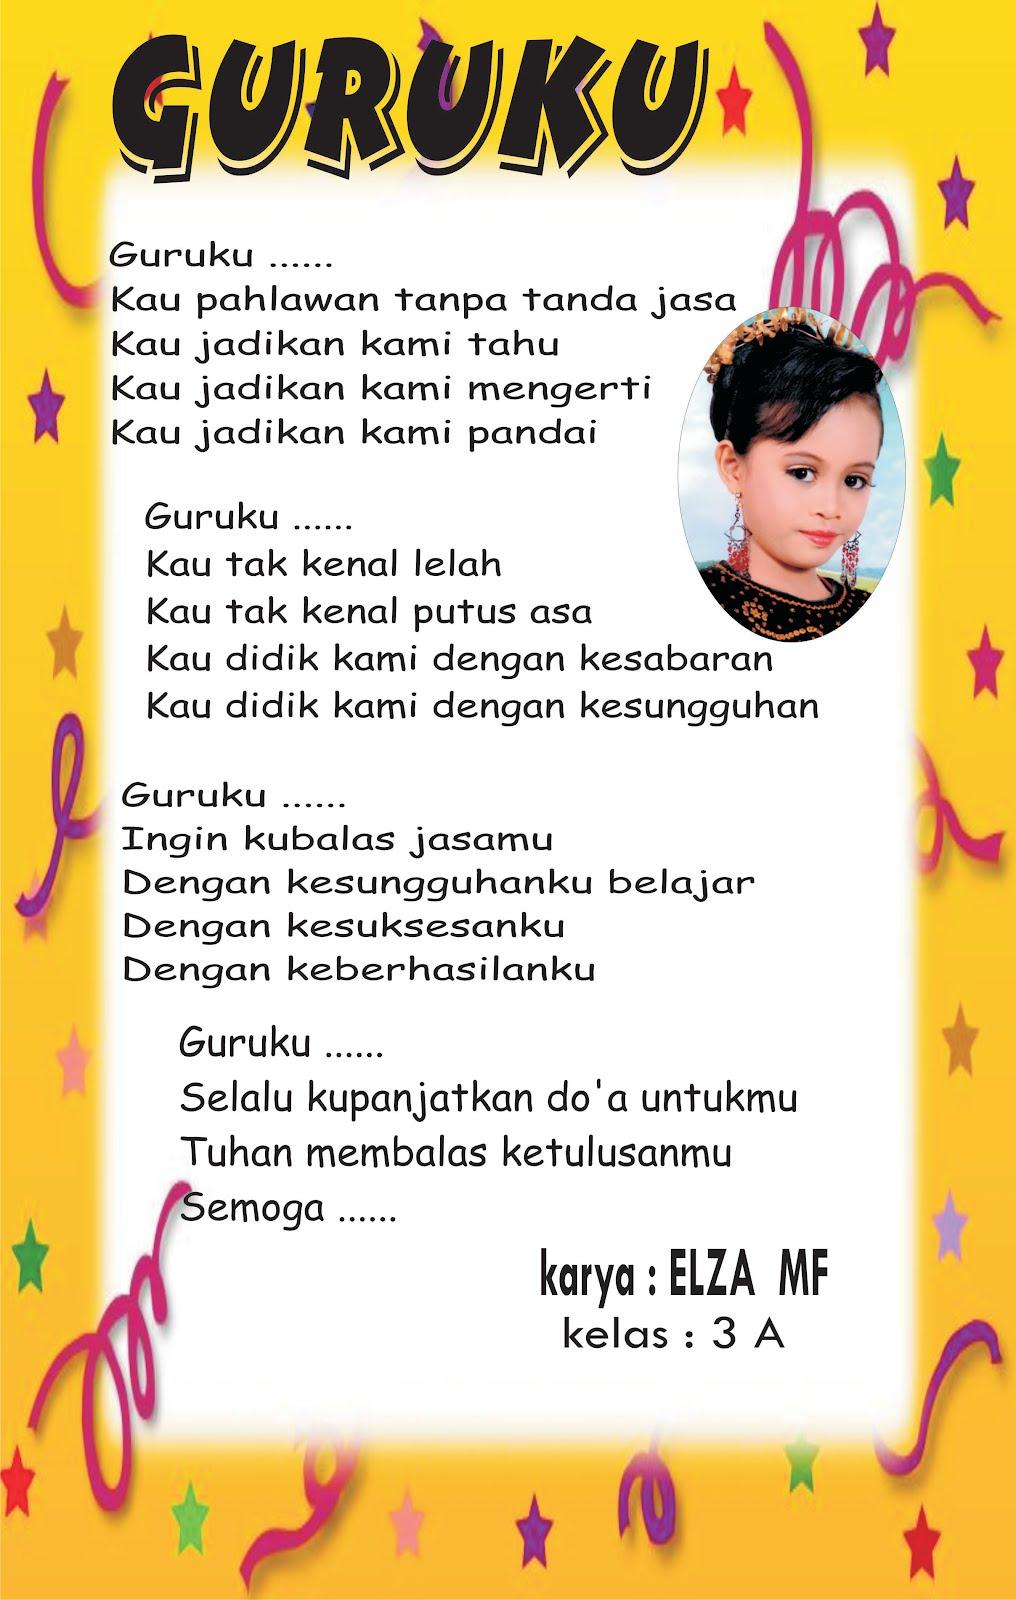 Image Result For Contoh Cerita Anak Dalam Bahasa Inggris